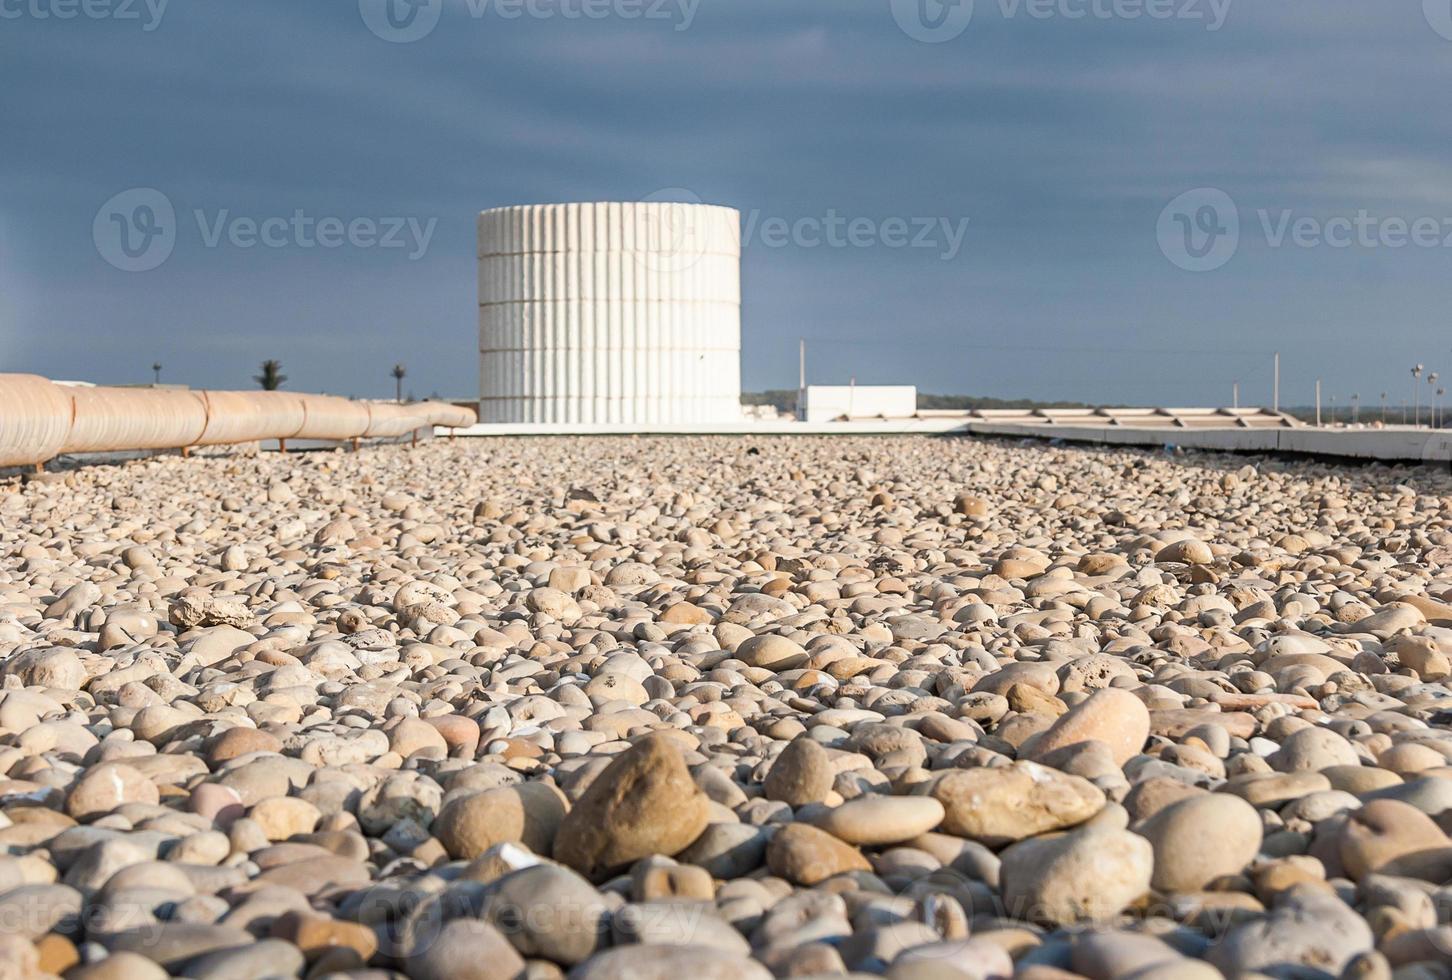 vatten reservoar foto